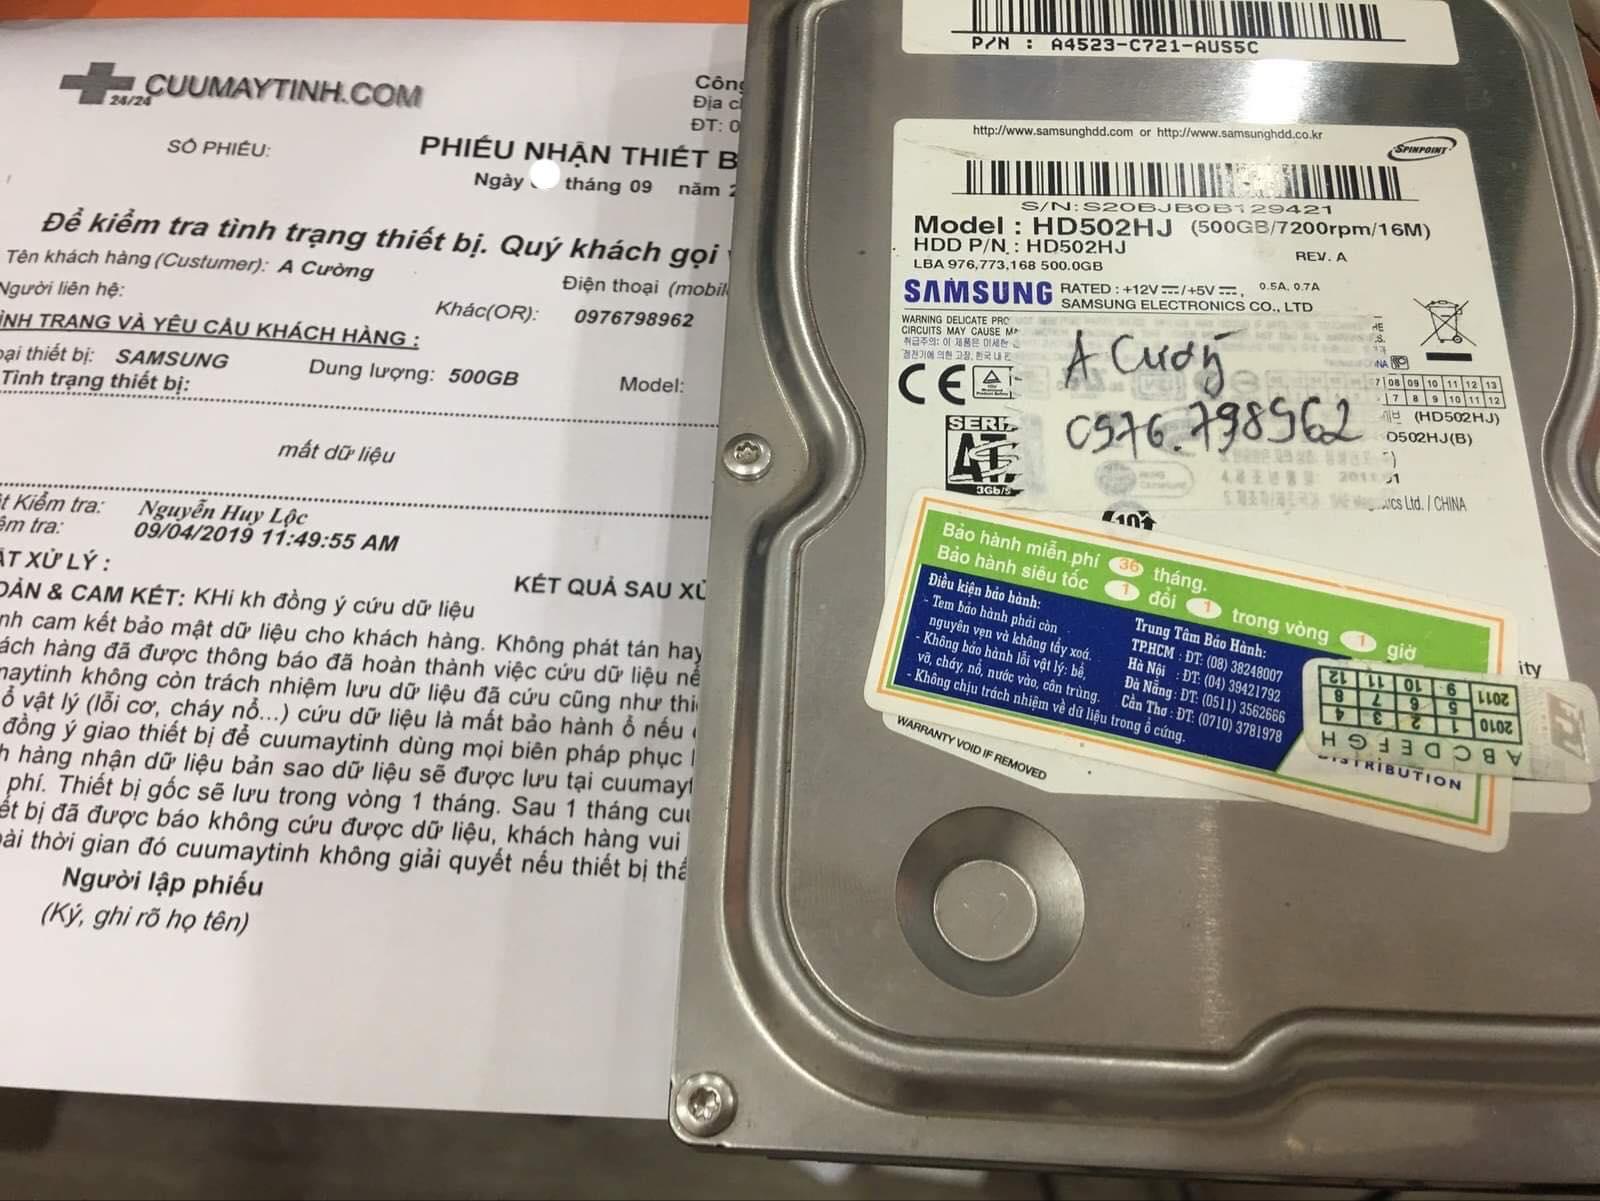 Cứu dữ liệu ổ cứng Samsung 500GB mất dữ liệu 09/09/2019 - cuumaytinh